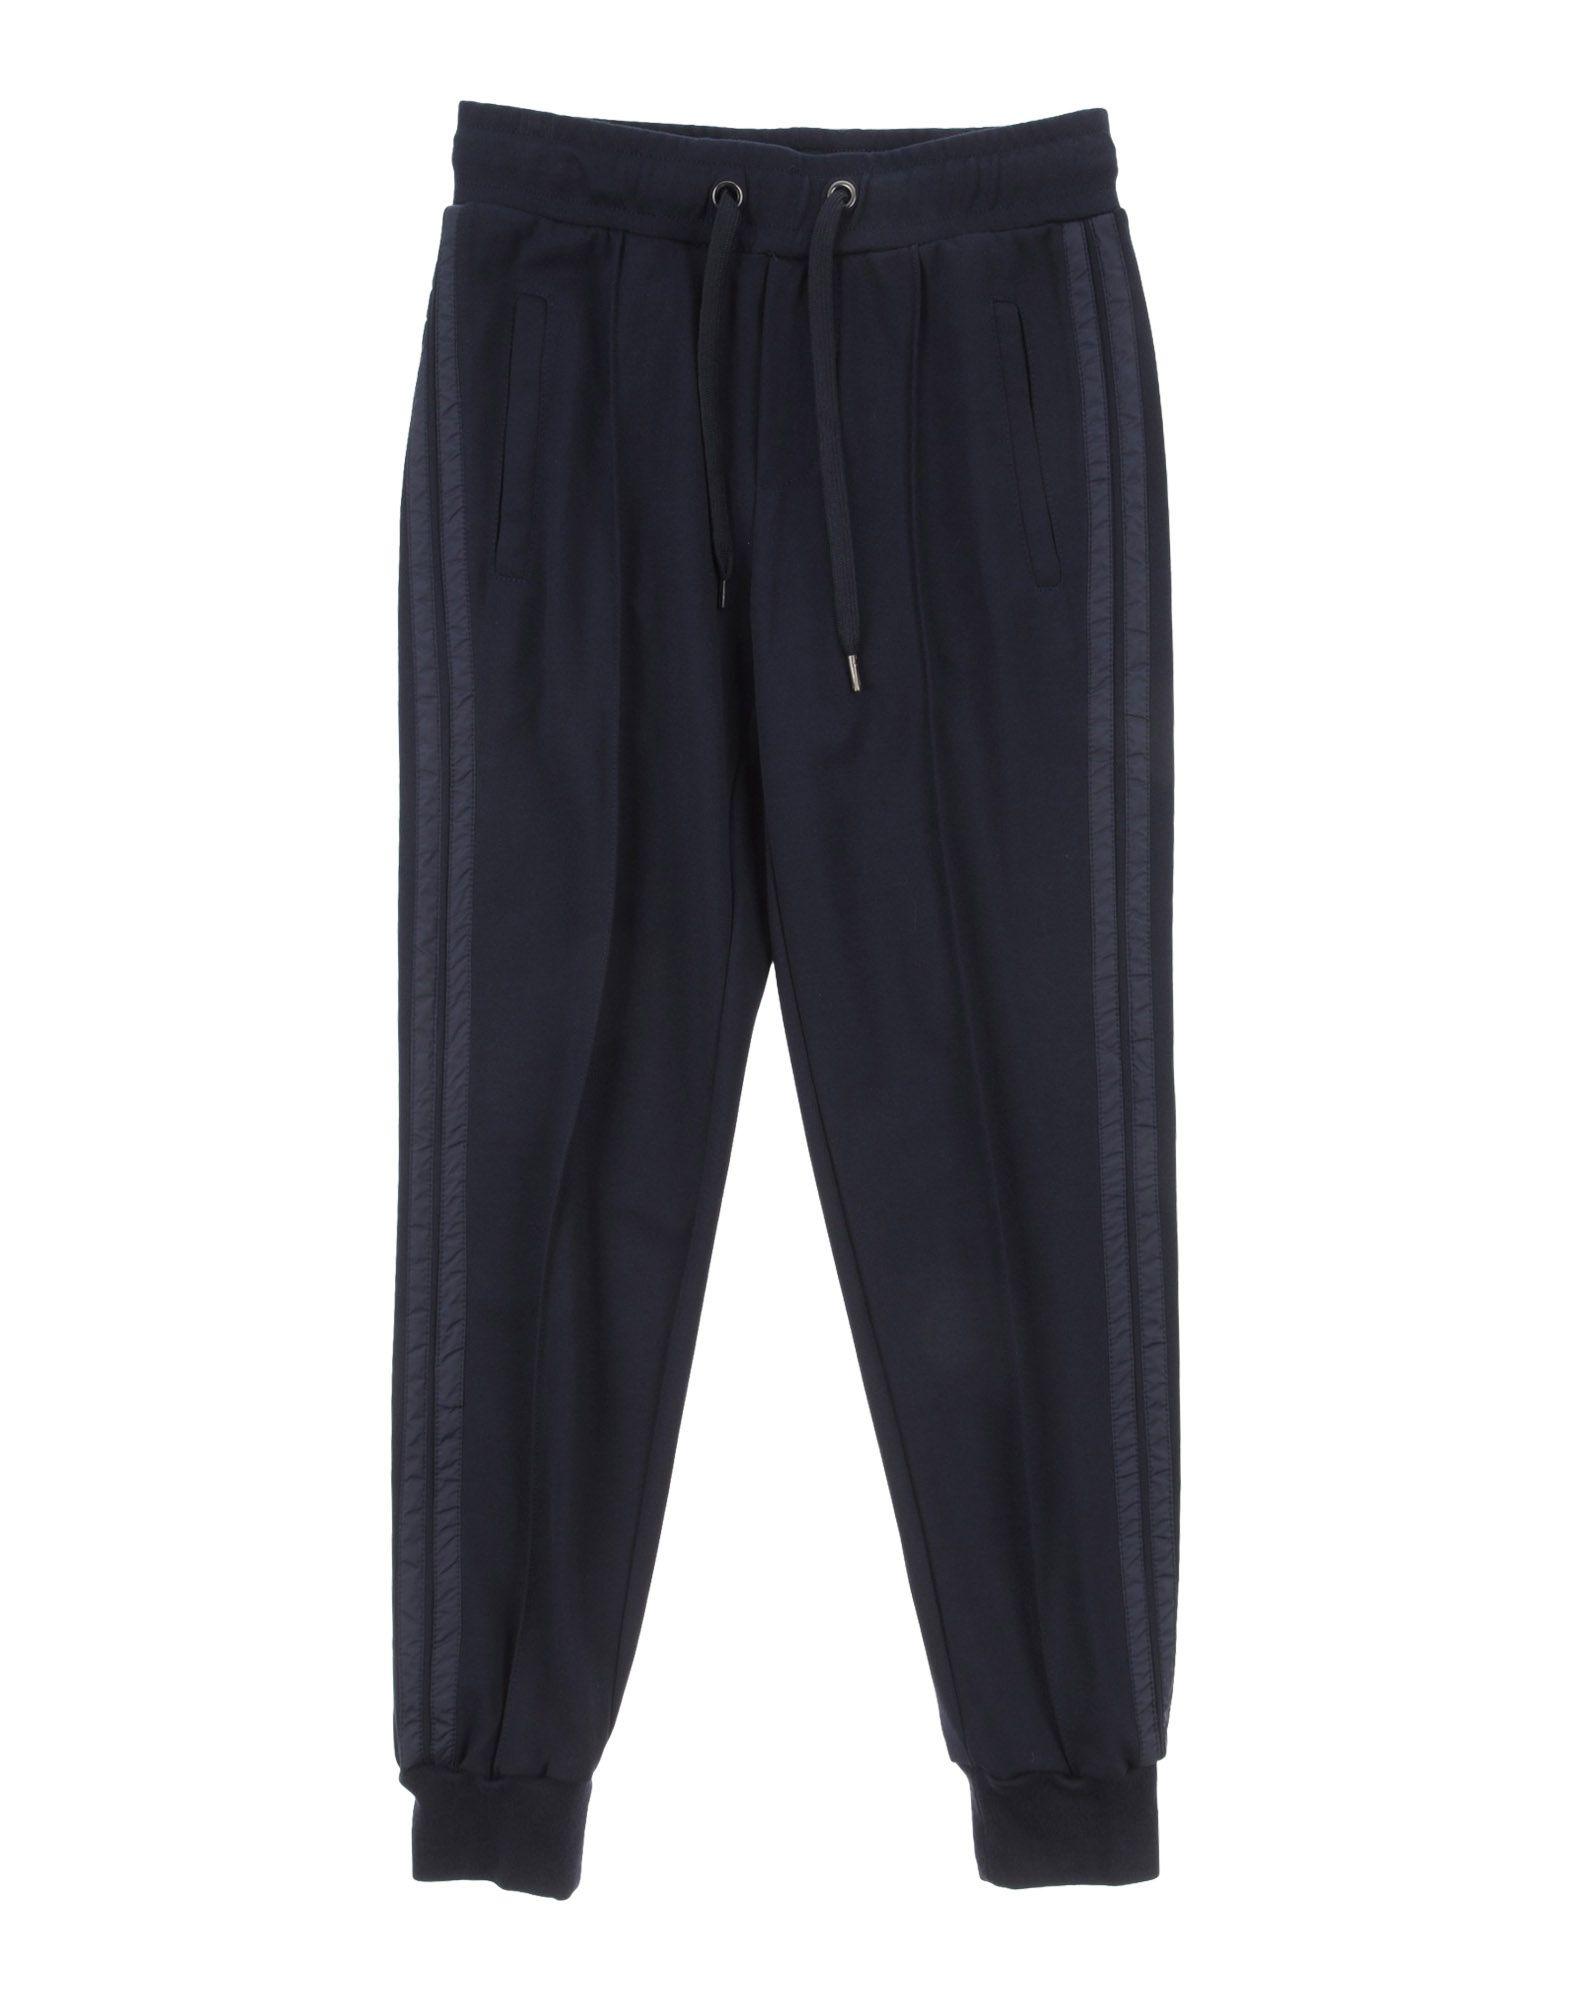 ASTON MARTIN Повседневные брюки брюки синие aston martin ут 00007243